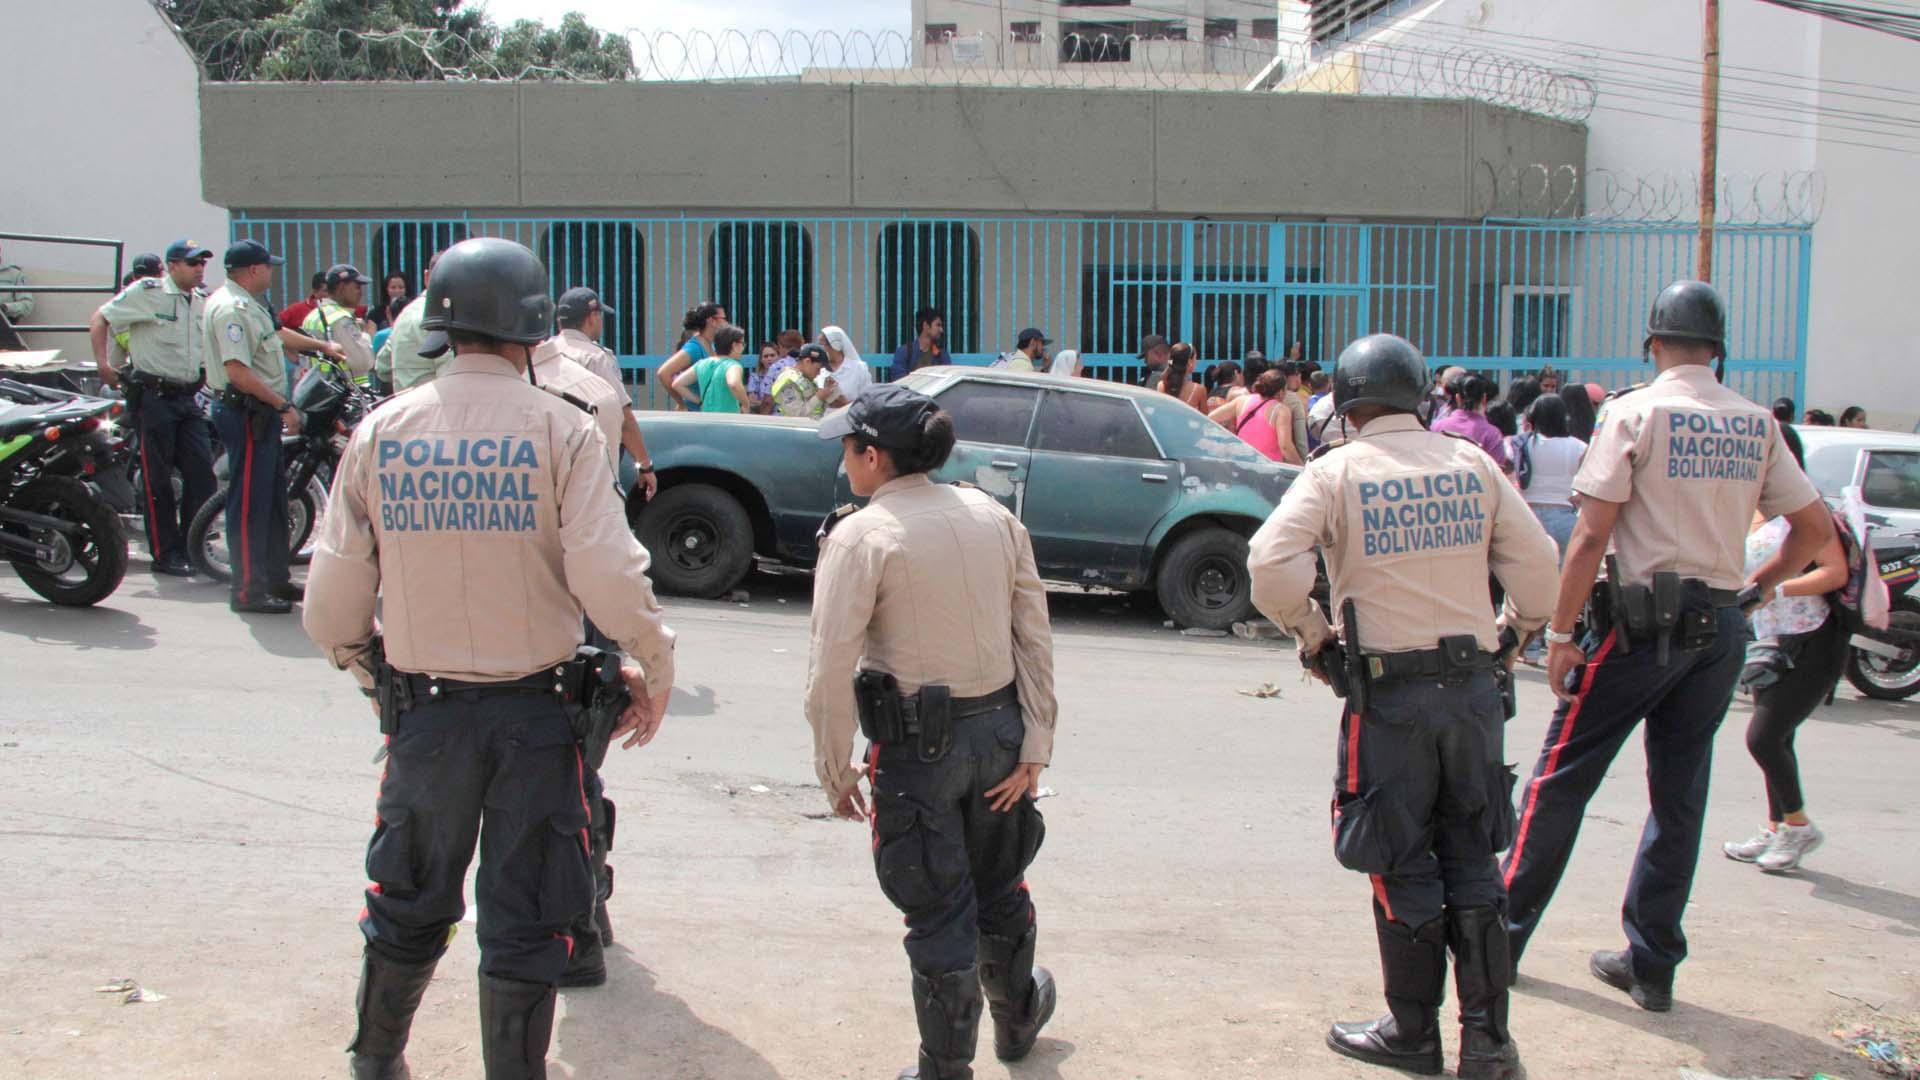 Según versiones extraoficiales, el delincuente, habría sometido a la familia con una granada y armas de fuegos